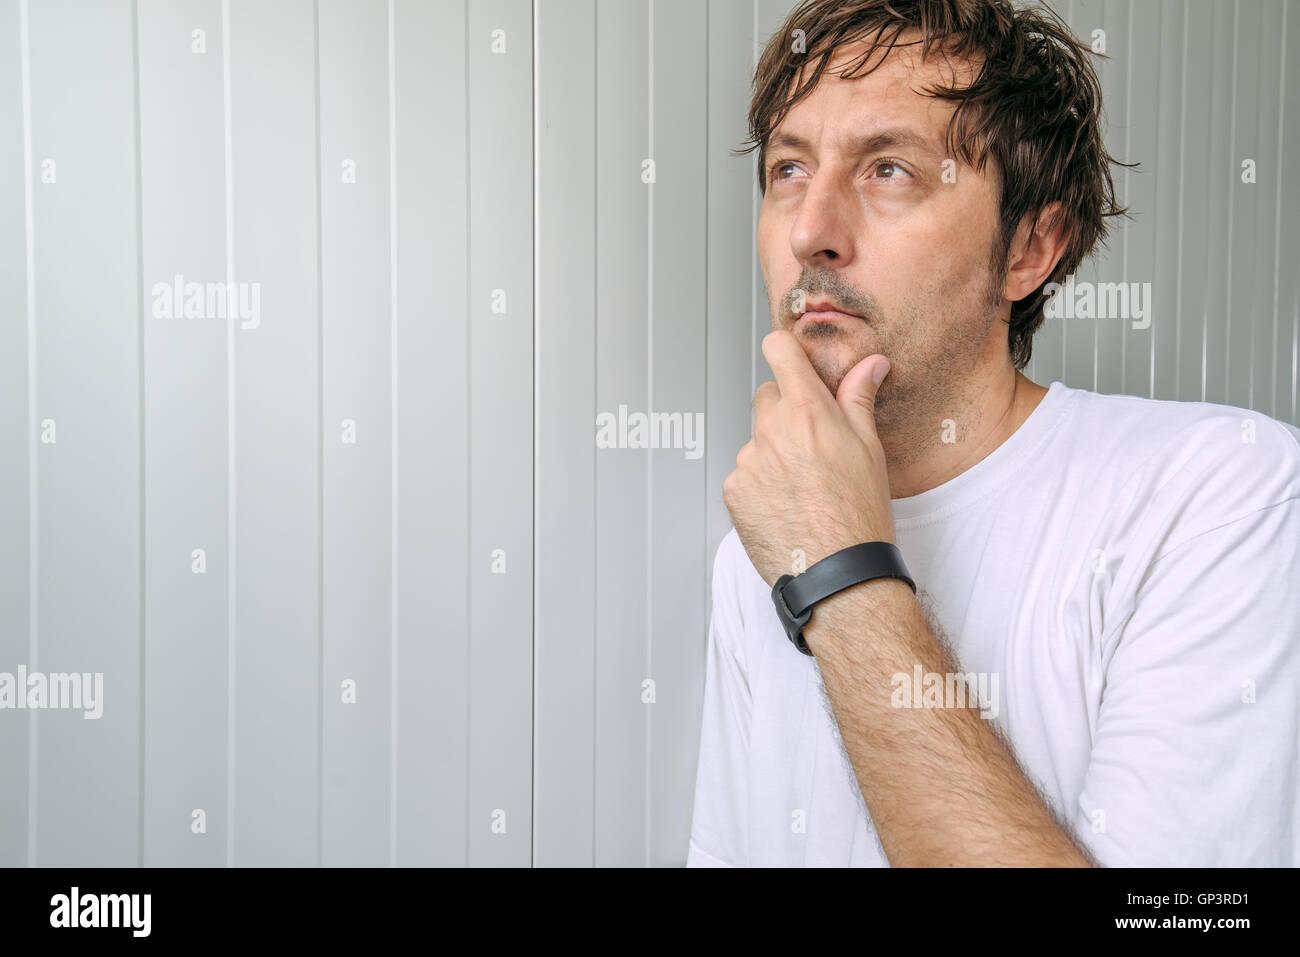 Man with hand on chin pense pensées profondes et la prise de décisions difficiles Photo Stock